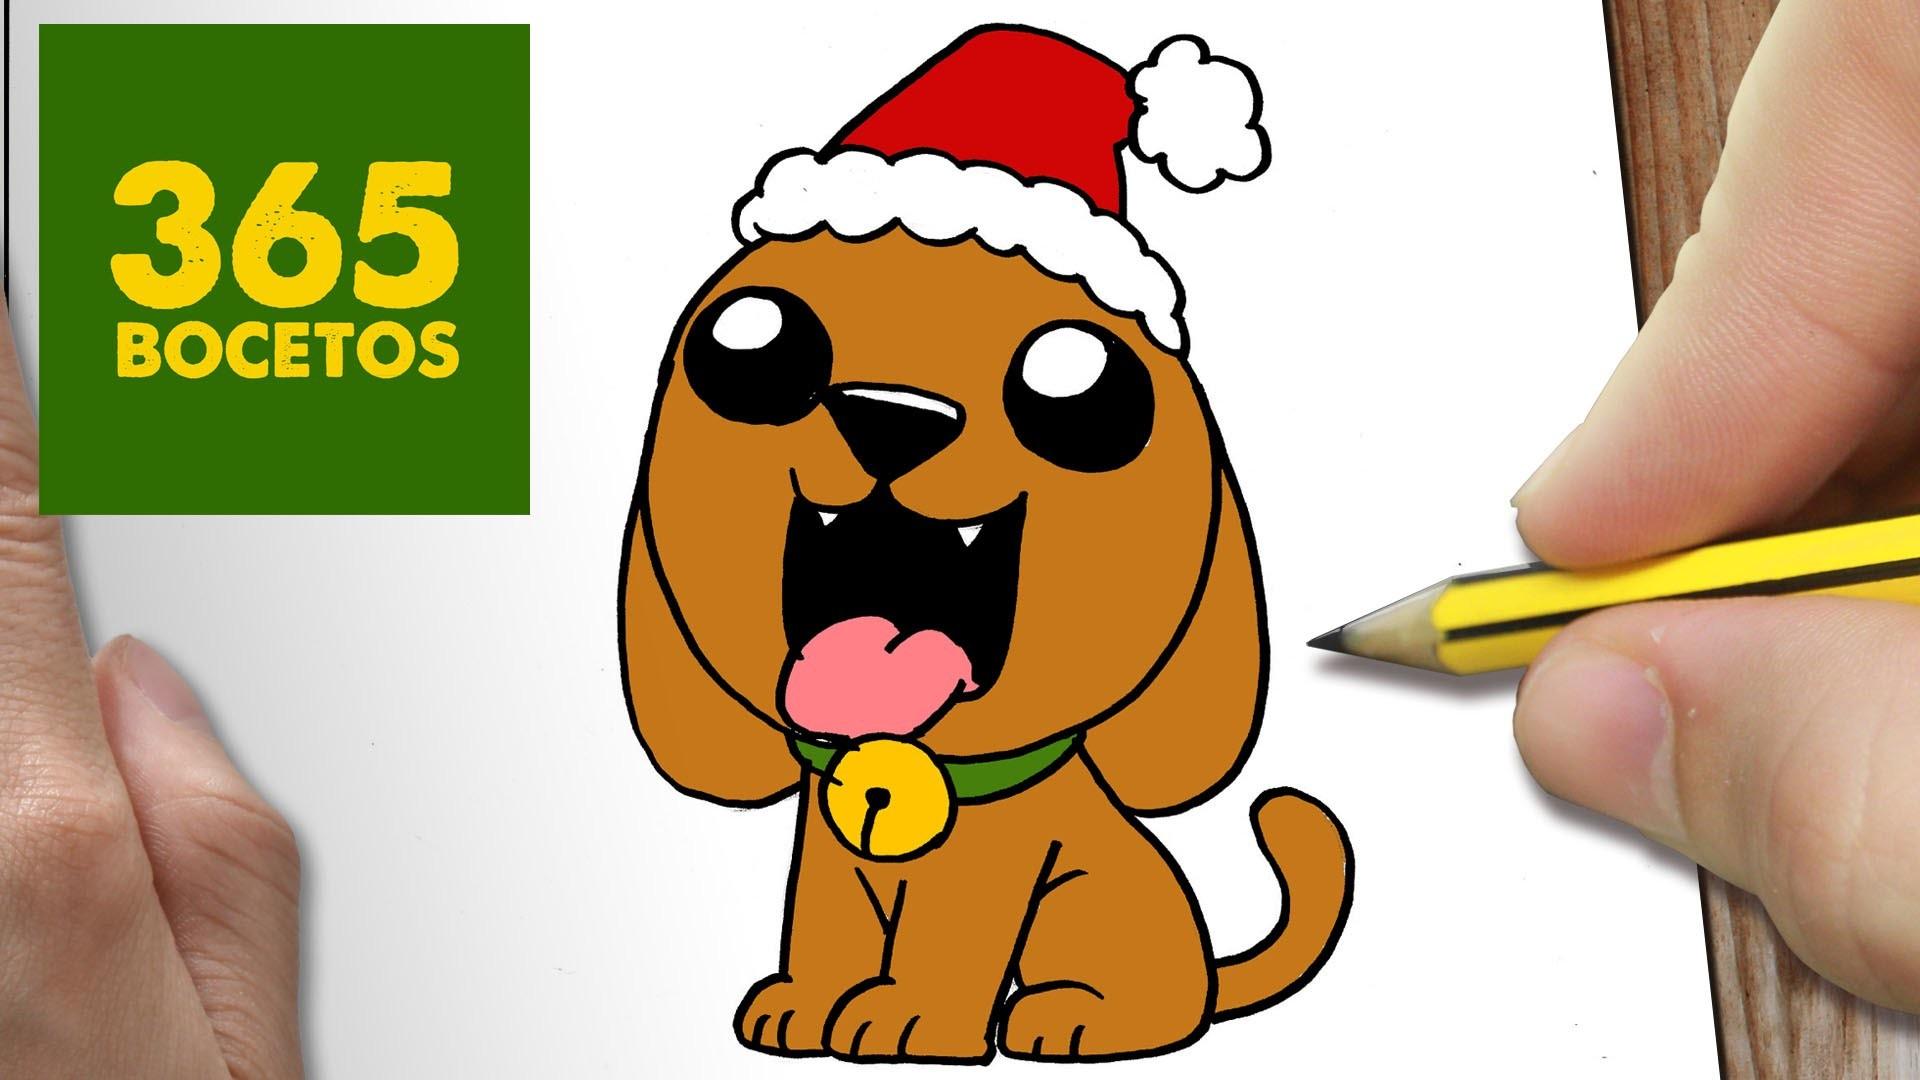 Como Dibujar Un Cuaderno Para Navidad Paso A Paso Dibujos: Dibujos De Mamuts Para Colorear E Imprimir Caratulas Para